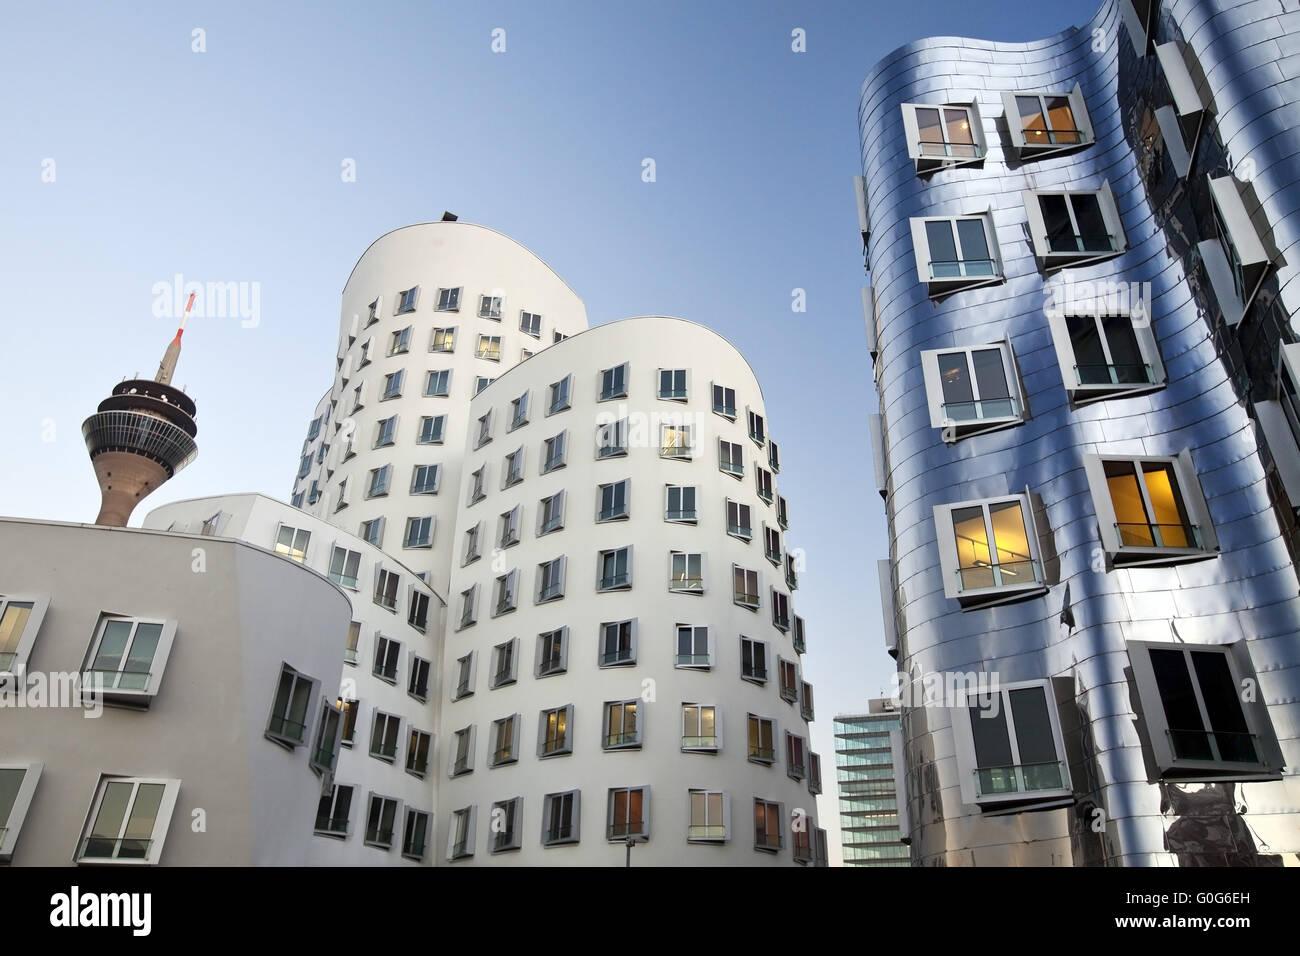 Zwei Gehry-Bauten und der Rheinturm, Düsseldorf, Nordrhein-Westfalen, Deutschland, Europa Stockbild